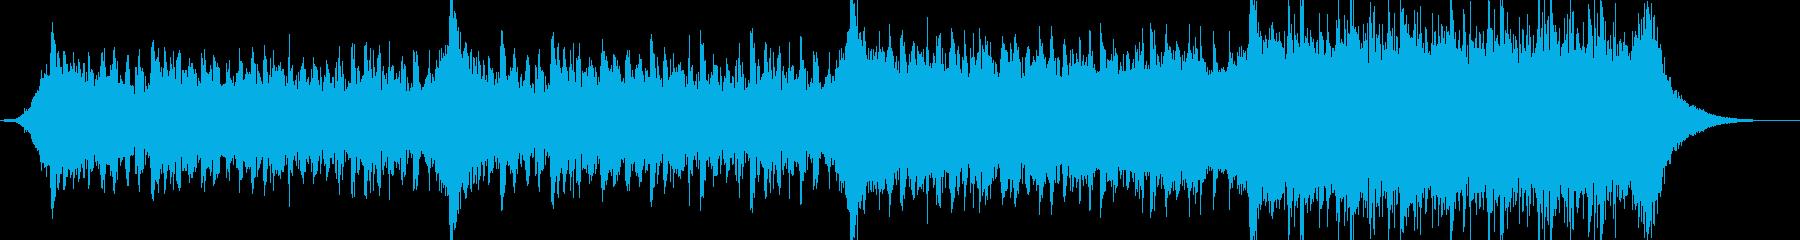 企業VPや映像39、壮大、オーケストラbの再生済みの波形